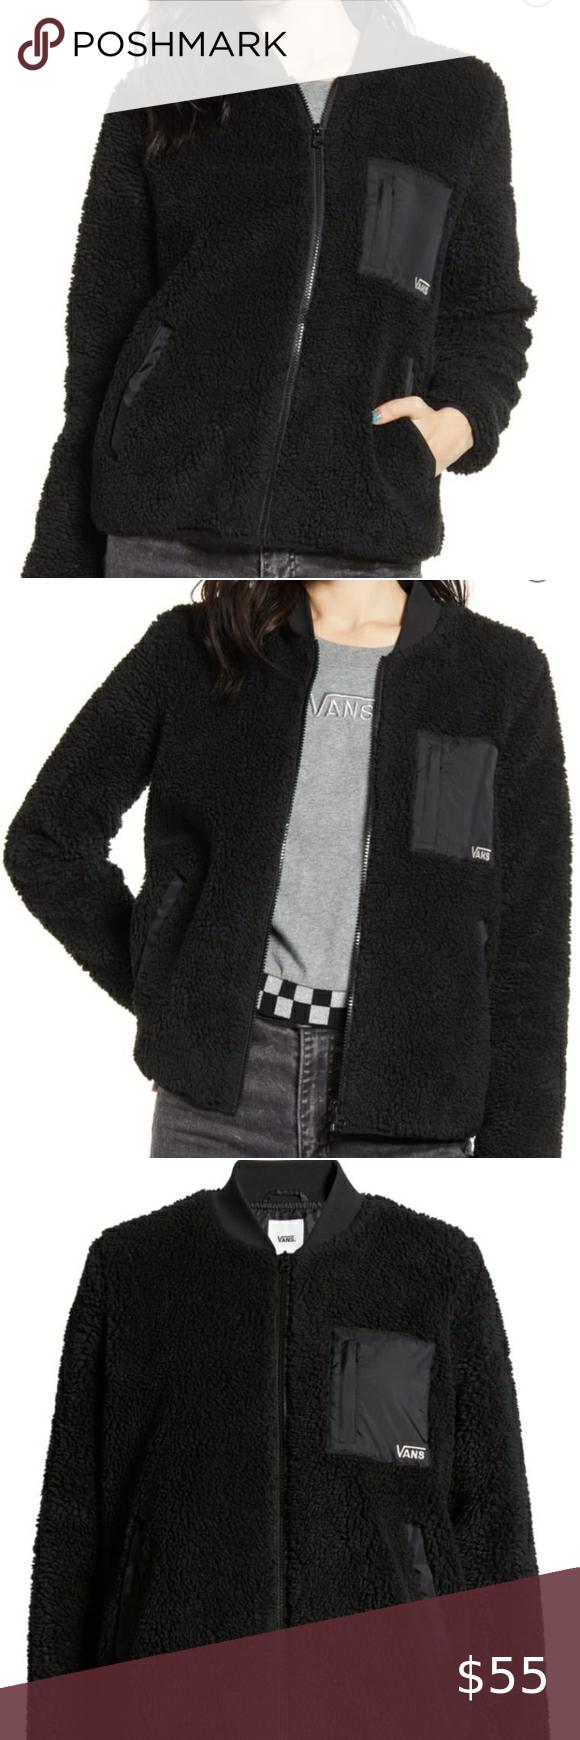 Vans Sherpa Bomber Teddy Bear Fleece Jacket Womens In 2021 Fleece Jacket Womens Coats Jackets Women Long Bomber Jacket [ 1740 x 580 Pixel ]